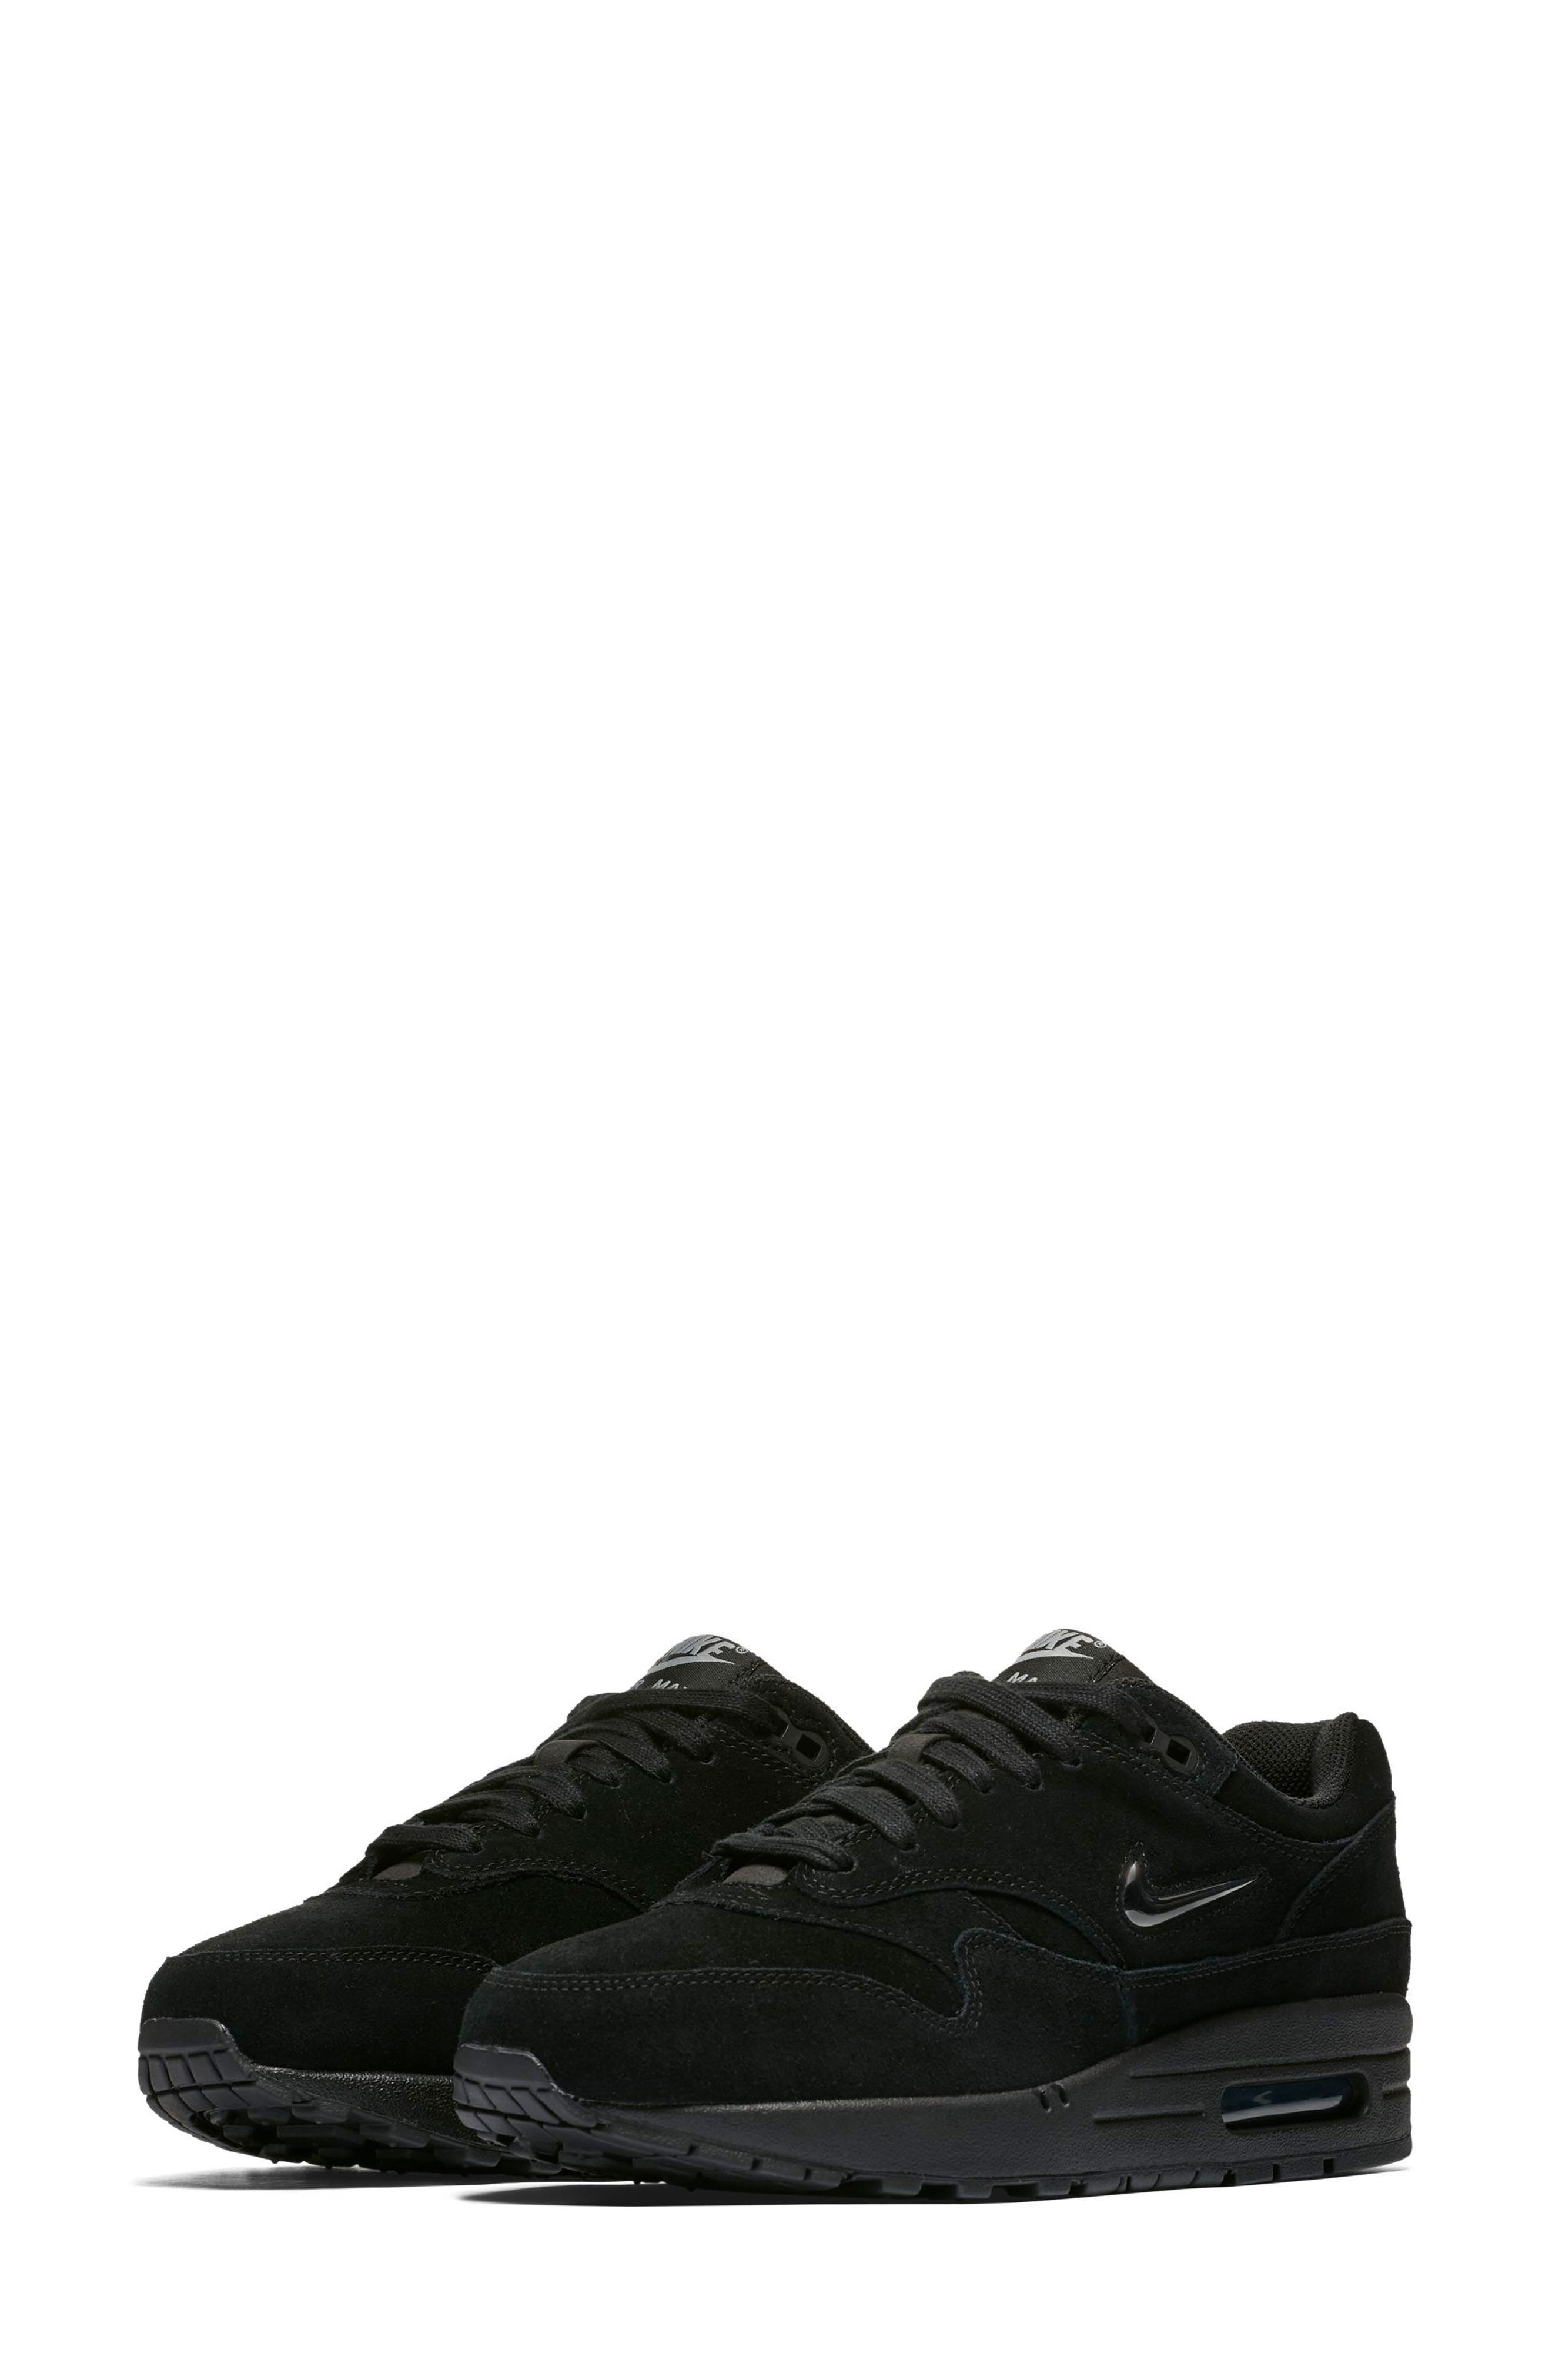 Air Max 1 Premium SC Sneaker,                             Main thumbnail 1, color,                             001